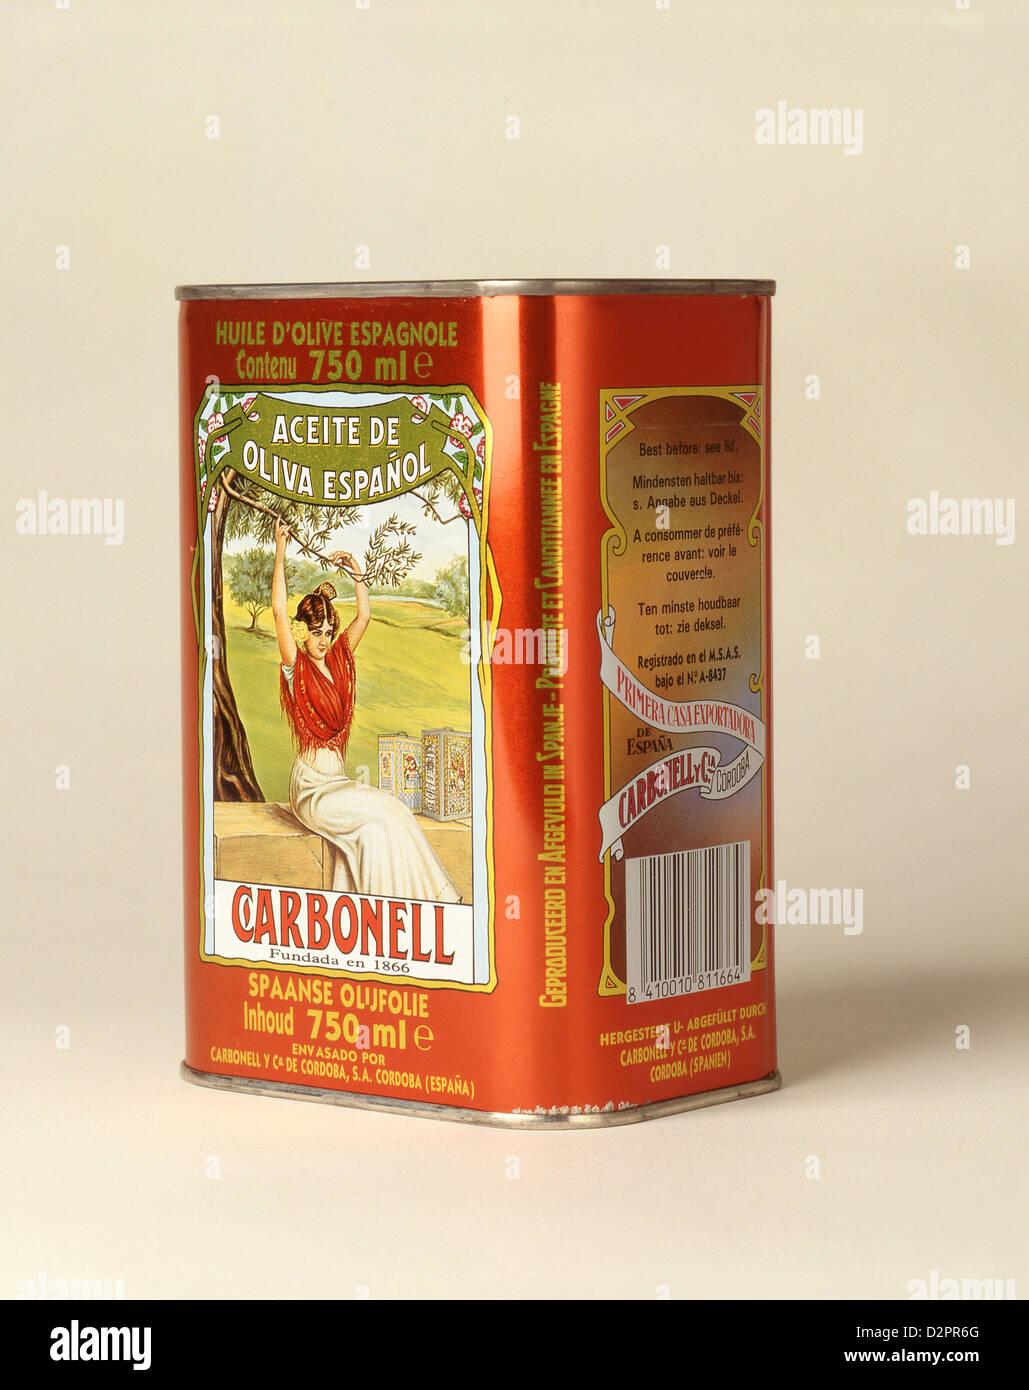 Tin of Spanish 'Carbonelle' olive oil, Costa del Sol, Malaga Stock